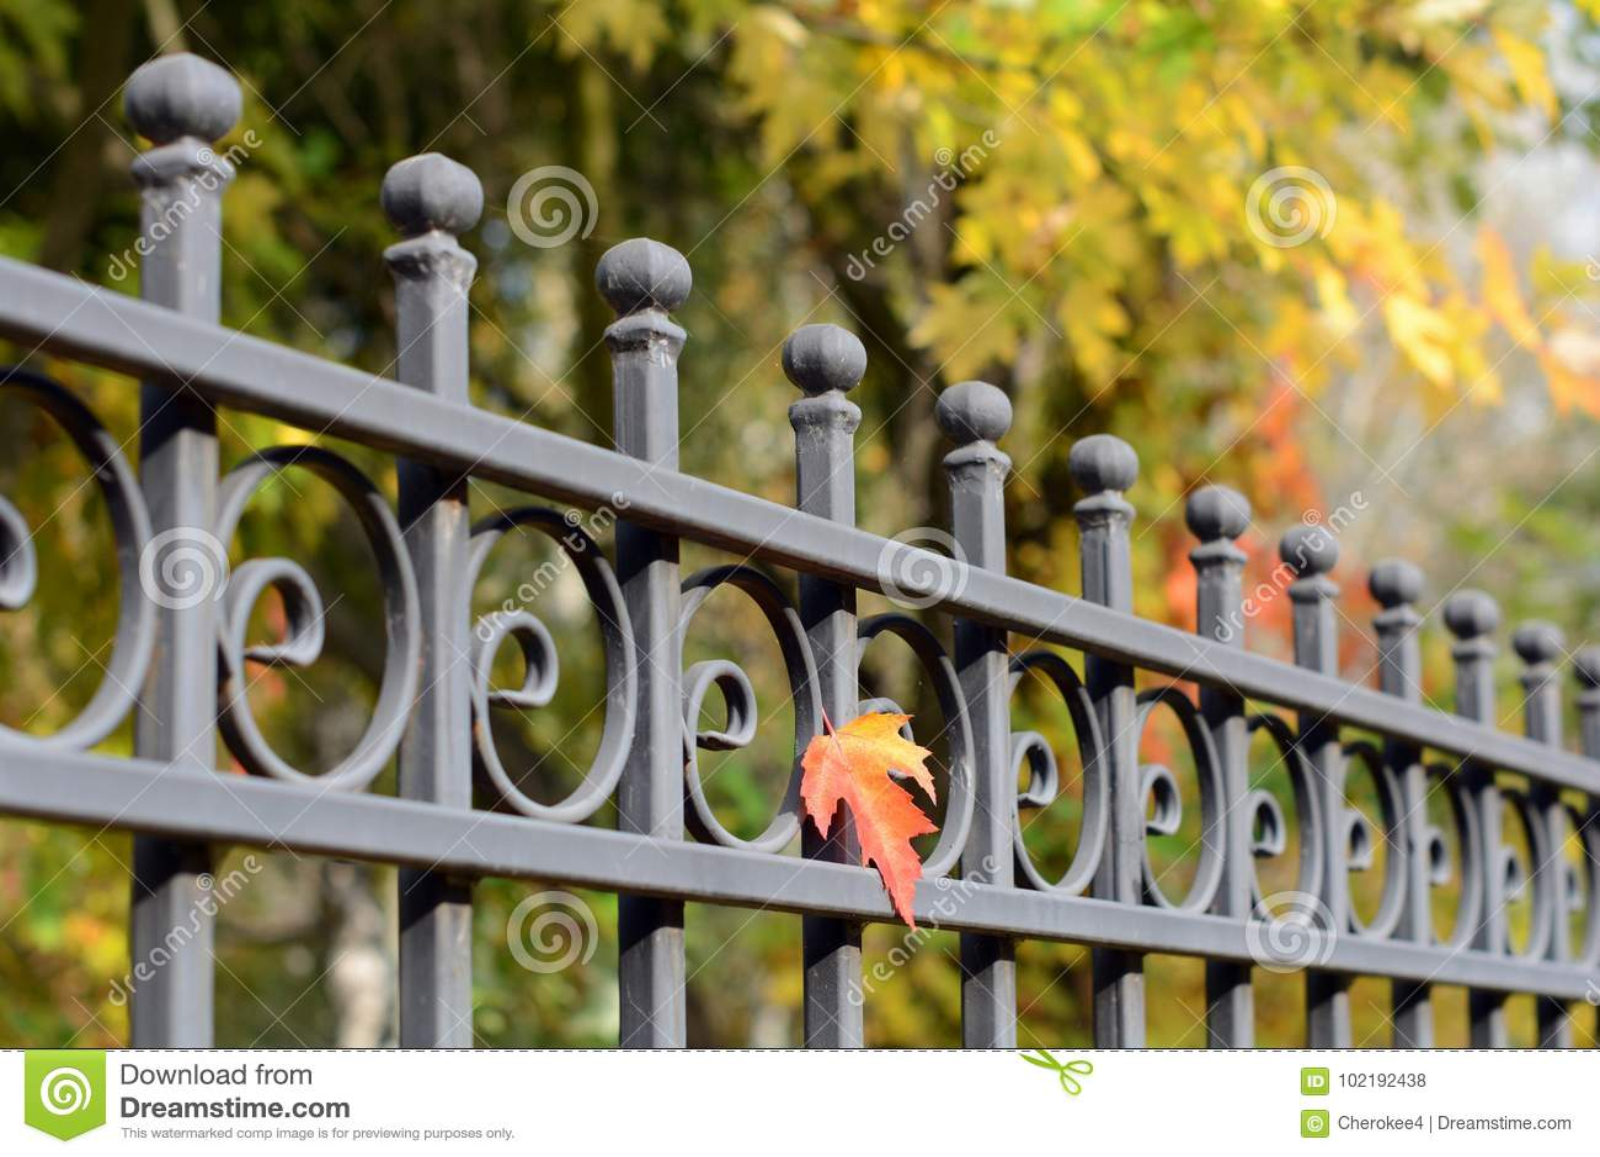 美丽的加工的篱芭 装饰生铁篱芭的图象 金属范围关闭 金属伪造了篱芭